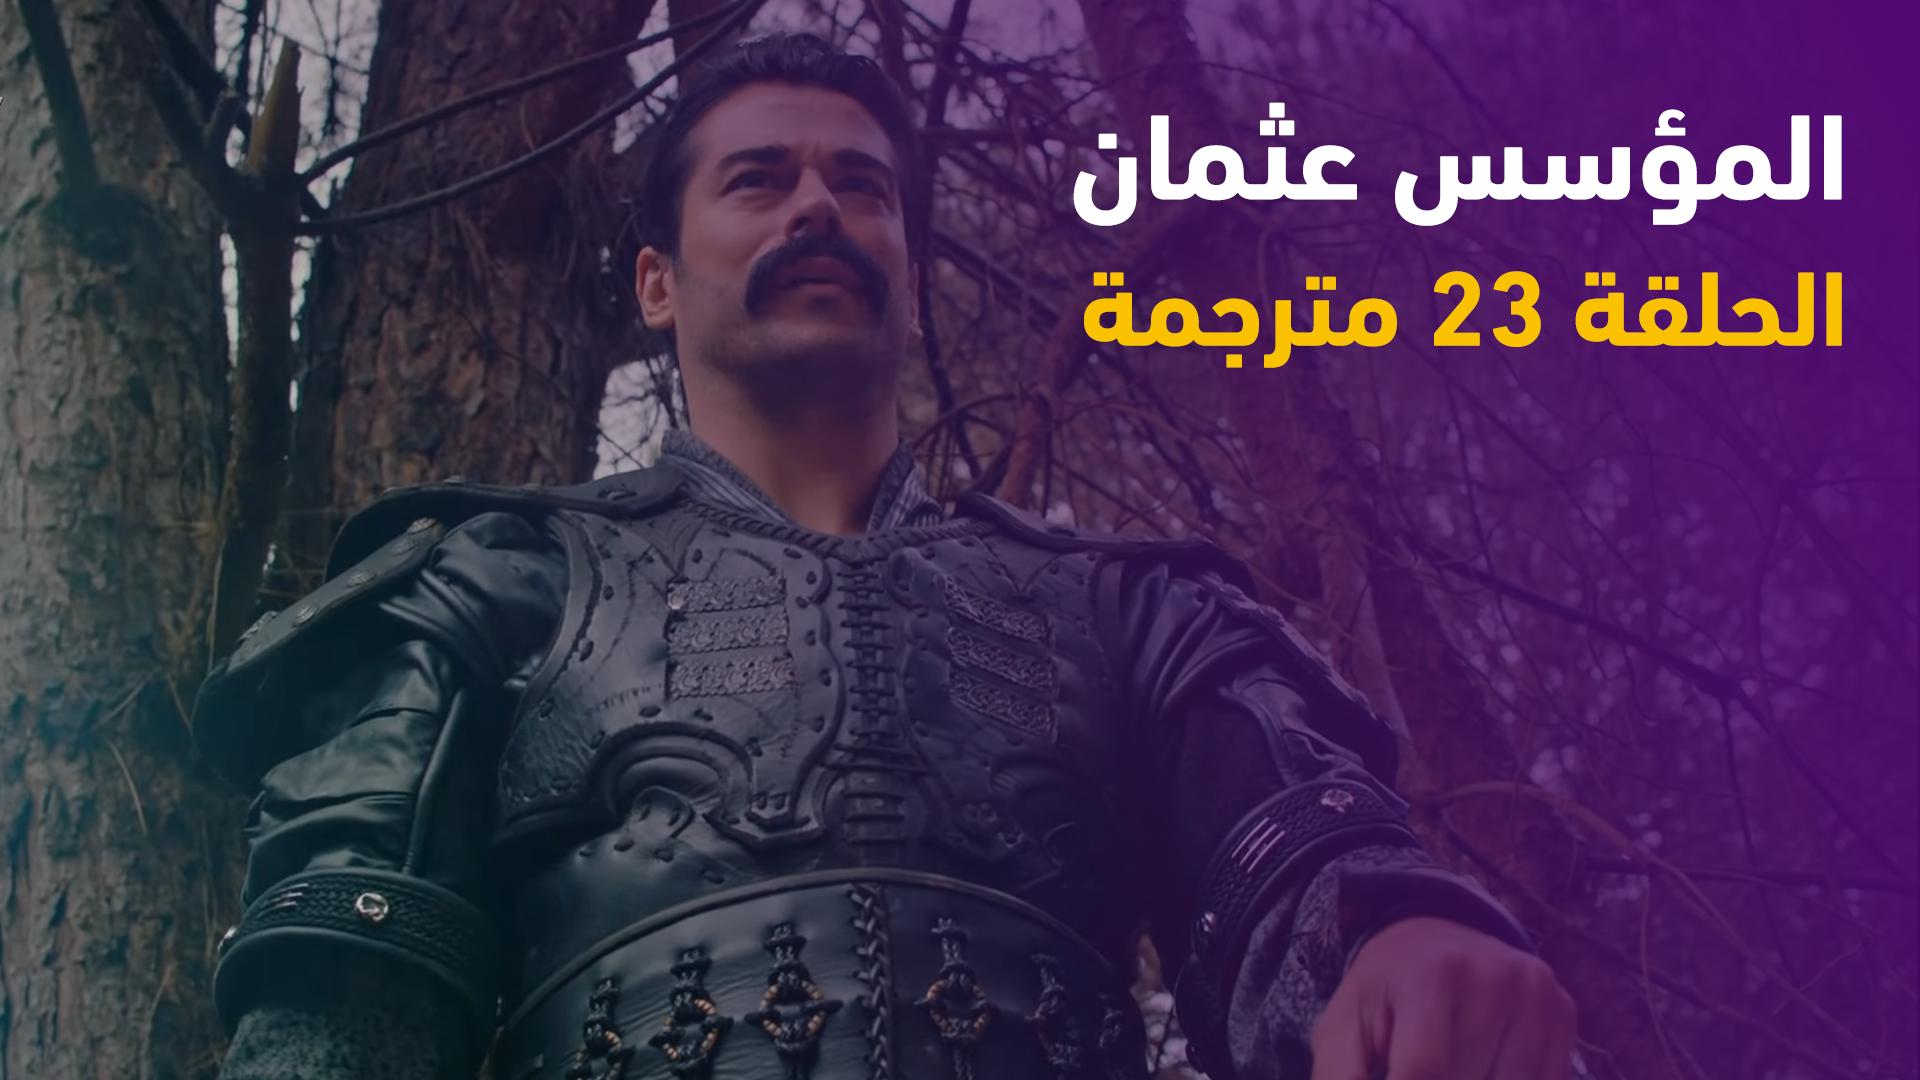 المؤسس عثمان | الحلقة 23